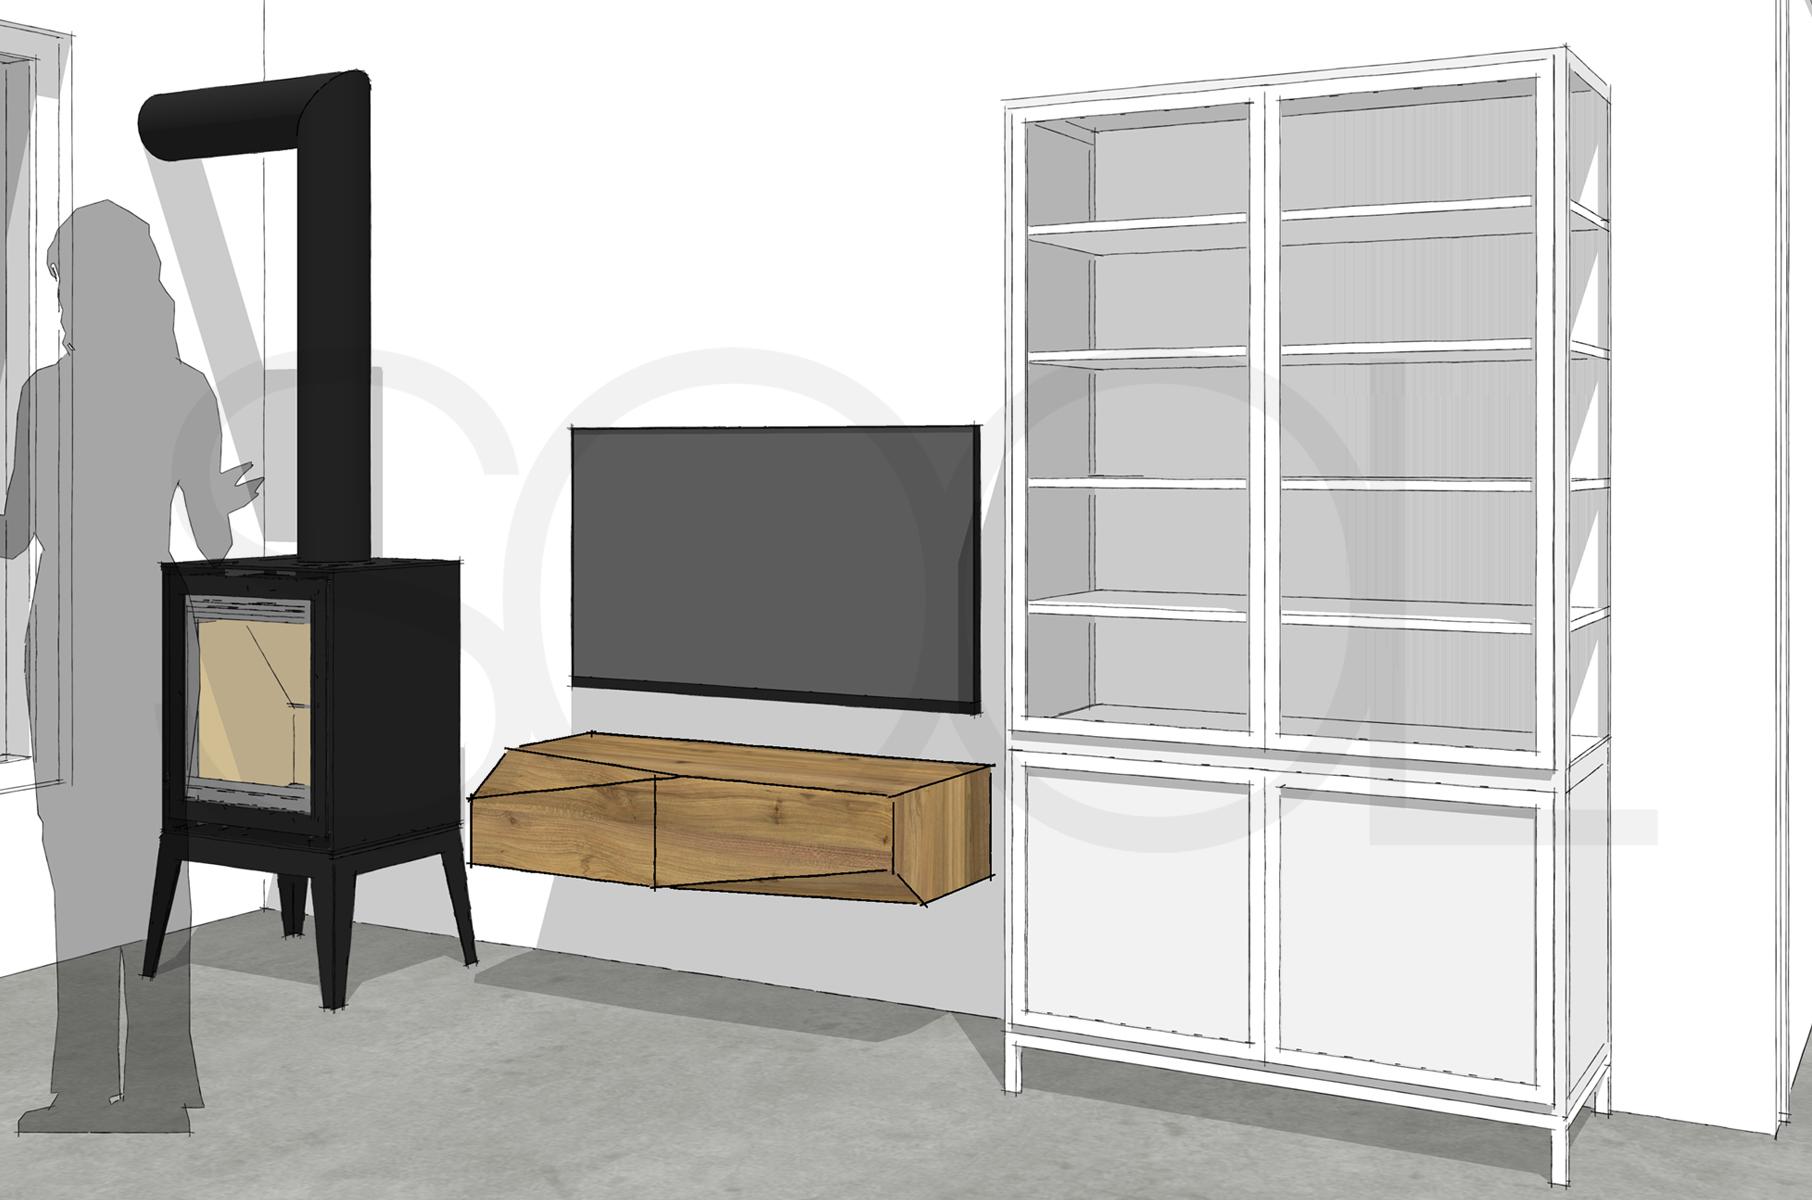 TV-meubel iepenhout